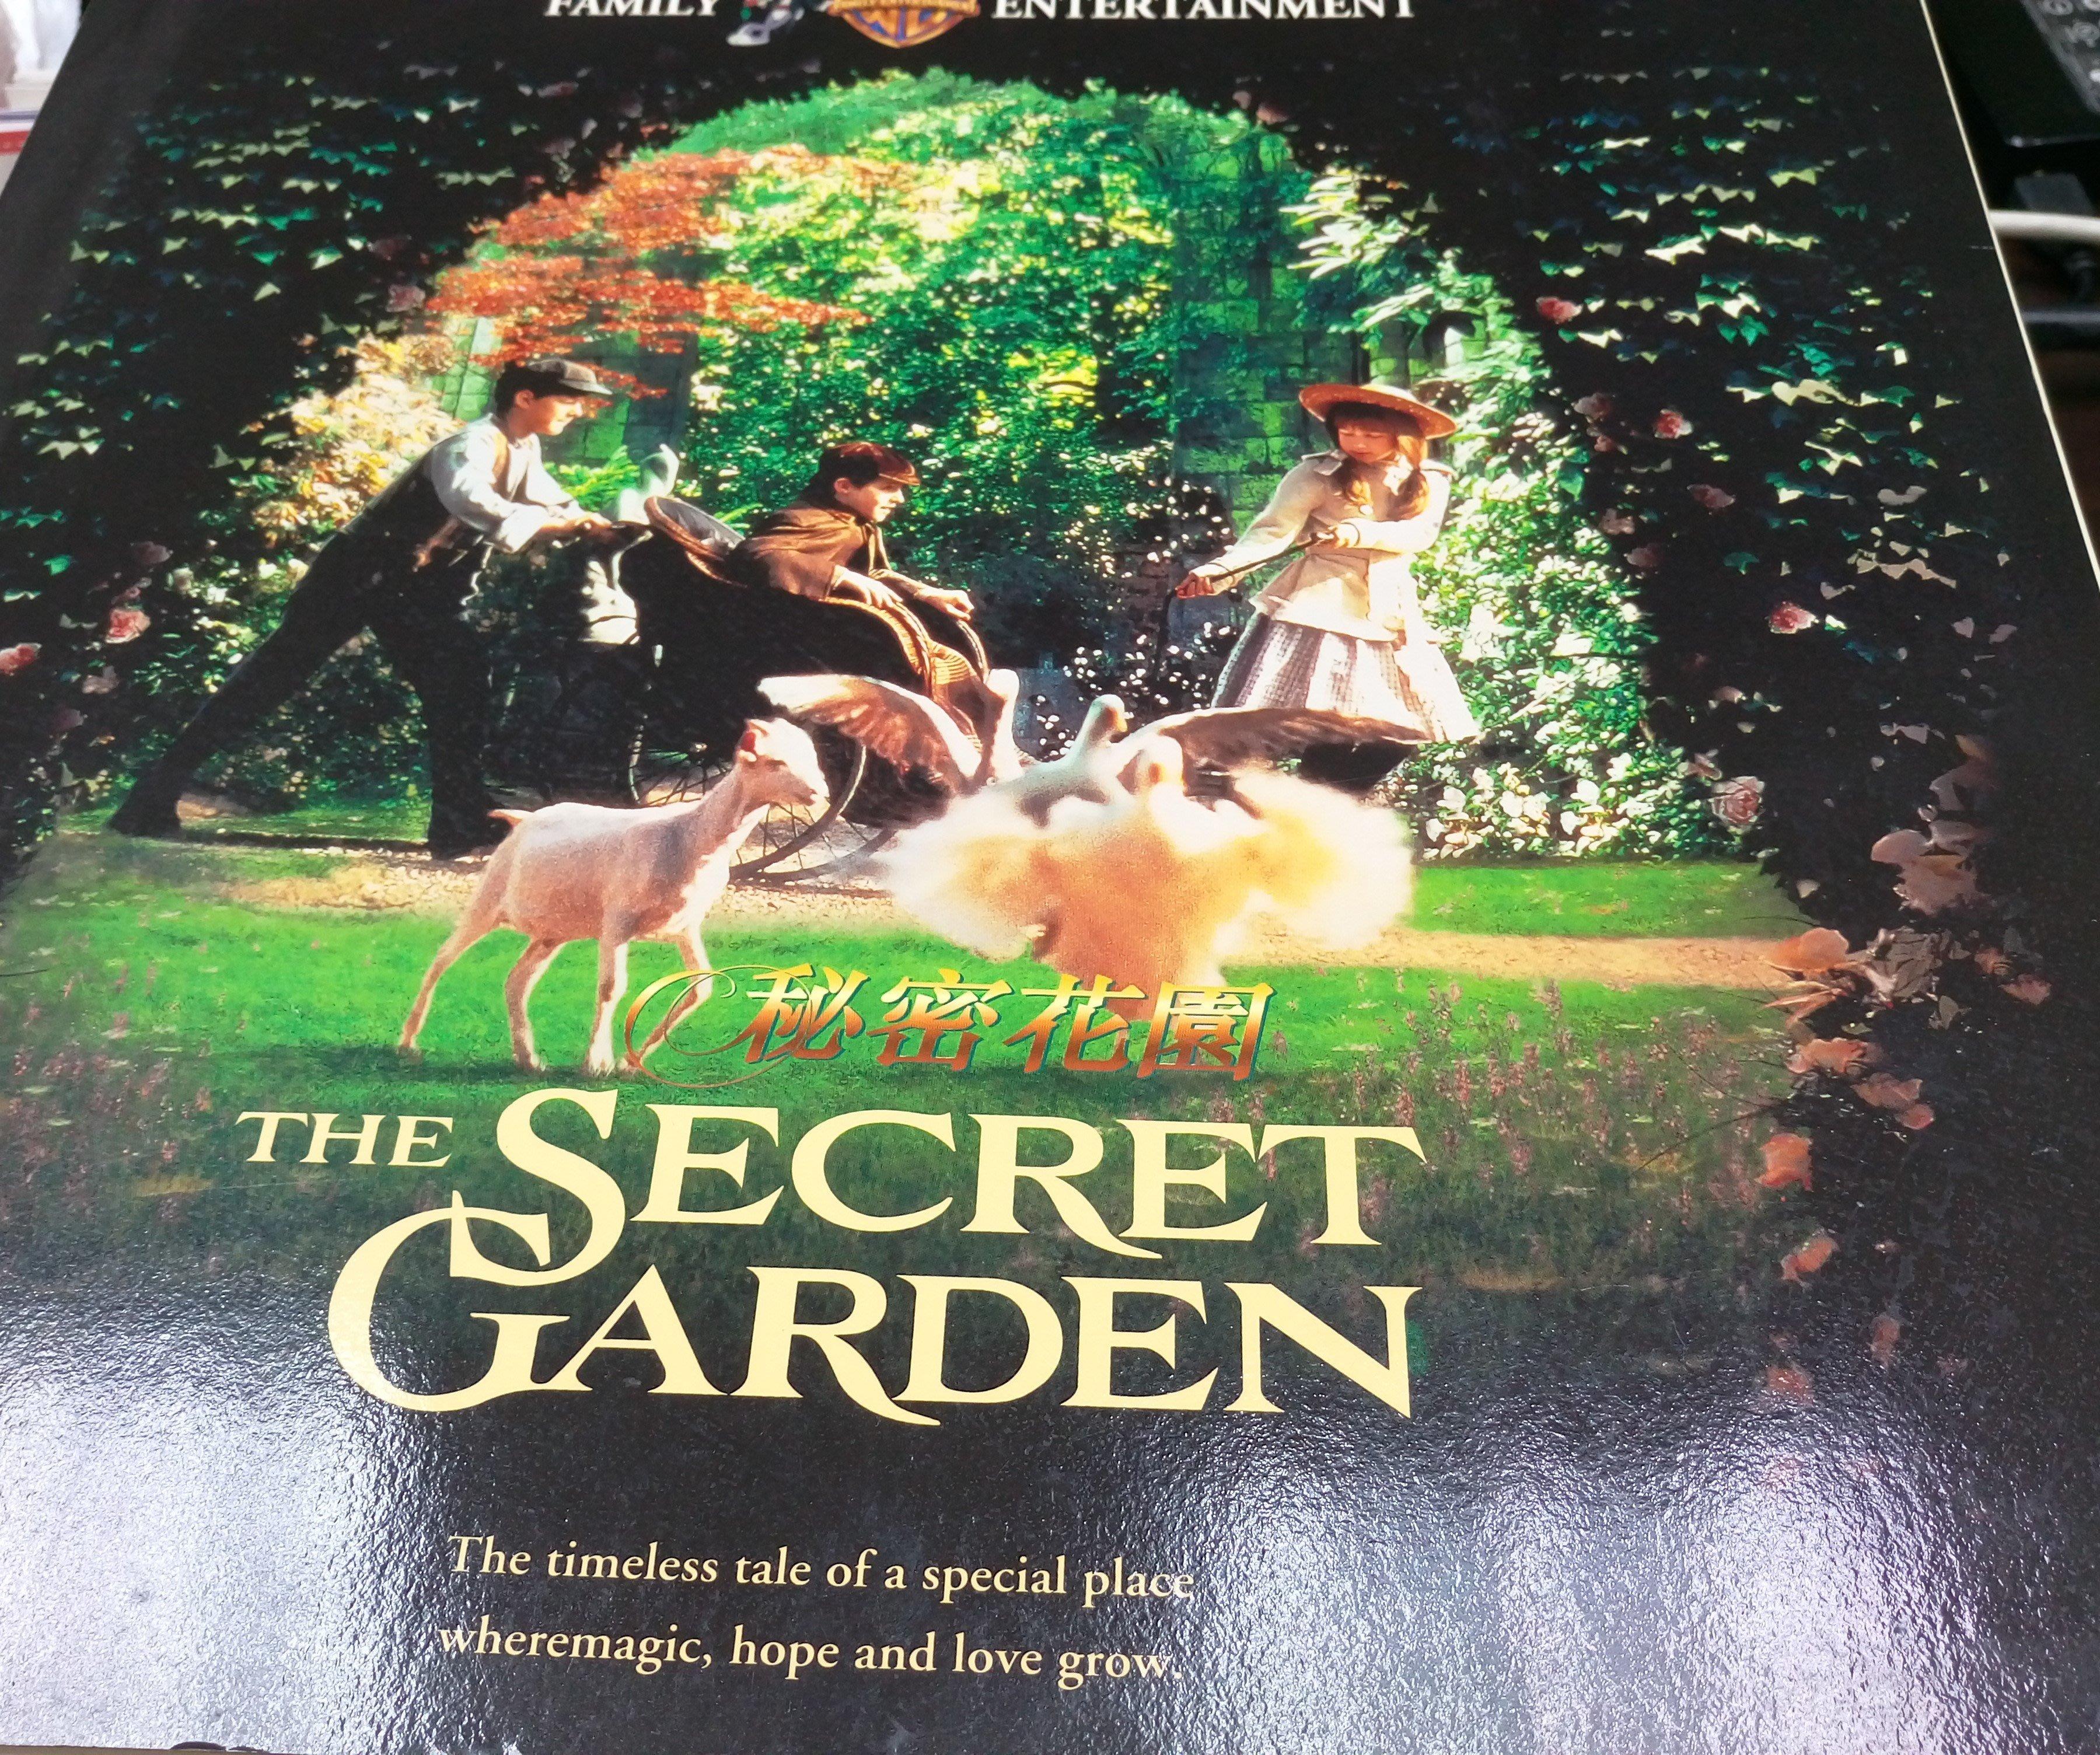 【懷音閣】祕密花園 Secret garden LD 華納1993年出版(中文字幕),已絕版